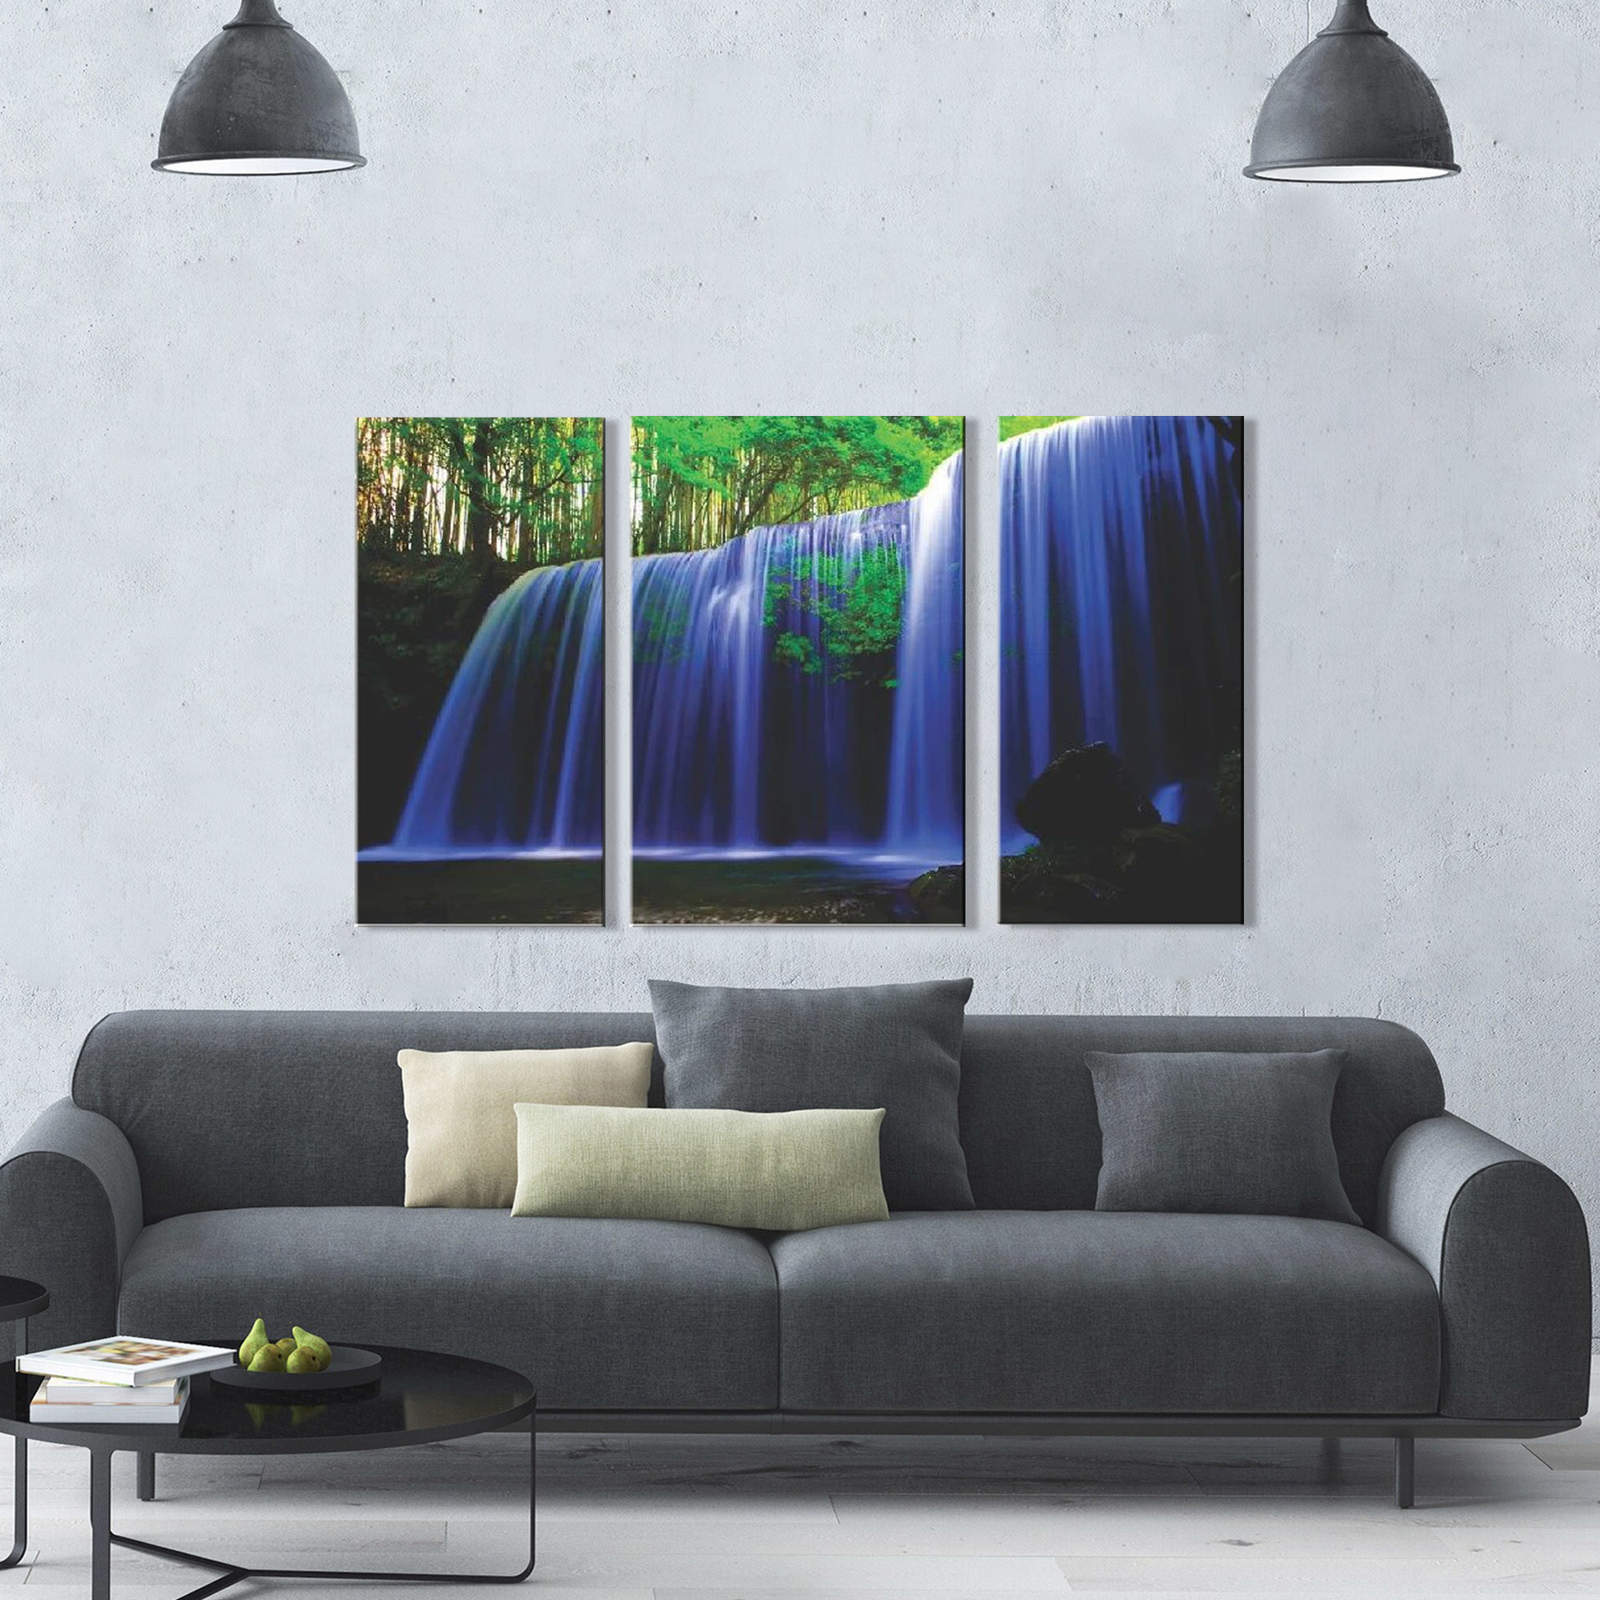 Quadro Decorativo Paisagem Cachoeira colorida 3 peças M2